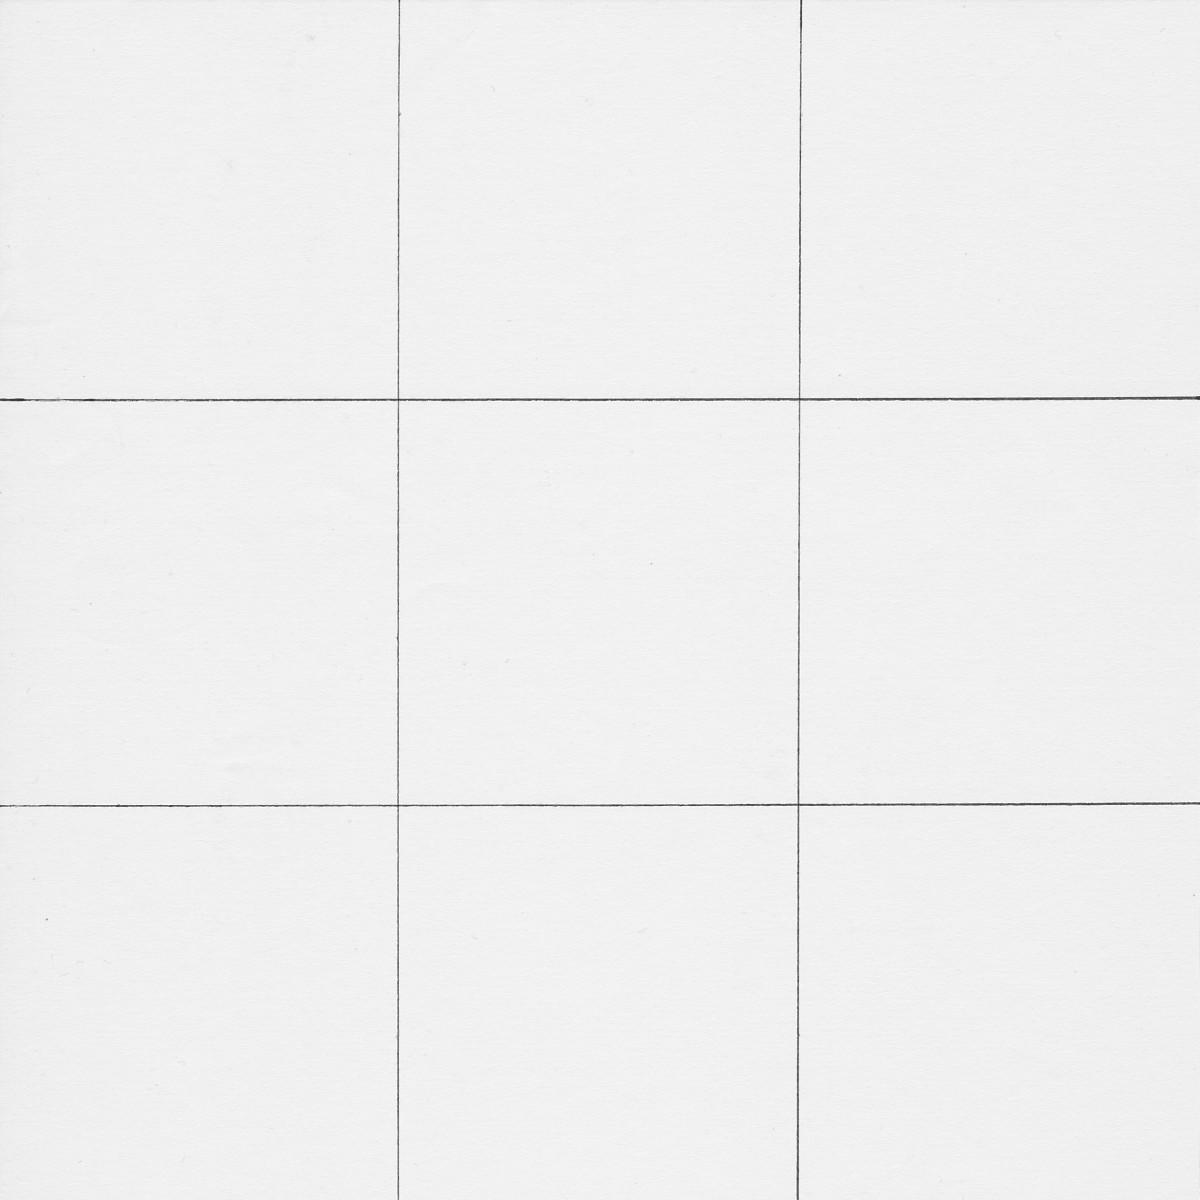 My quilt block design - 3 x 3 grid